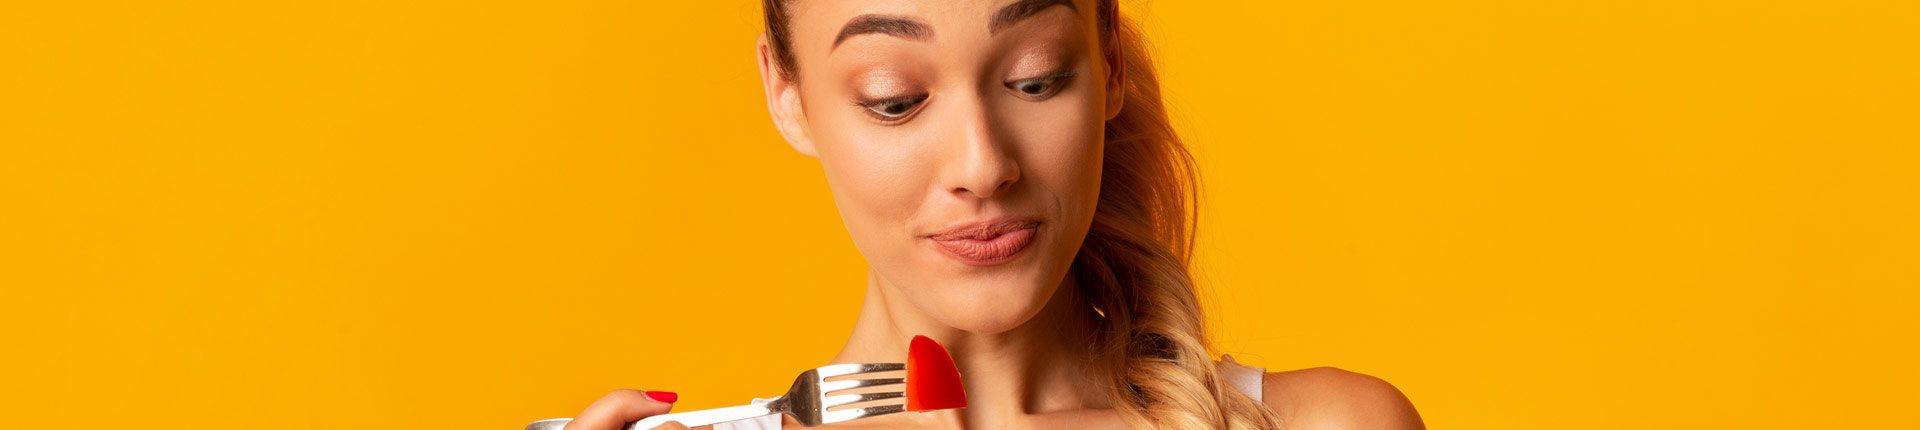 Jak długo powinna trwać dieta redukcyjna? Jak długo można się odchudzać?